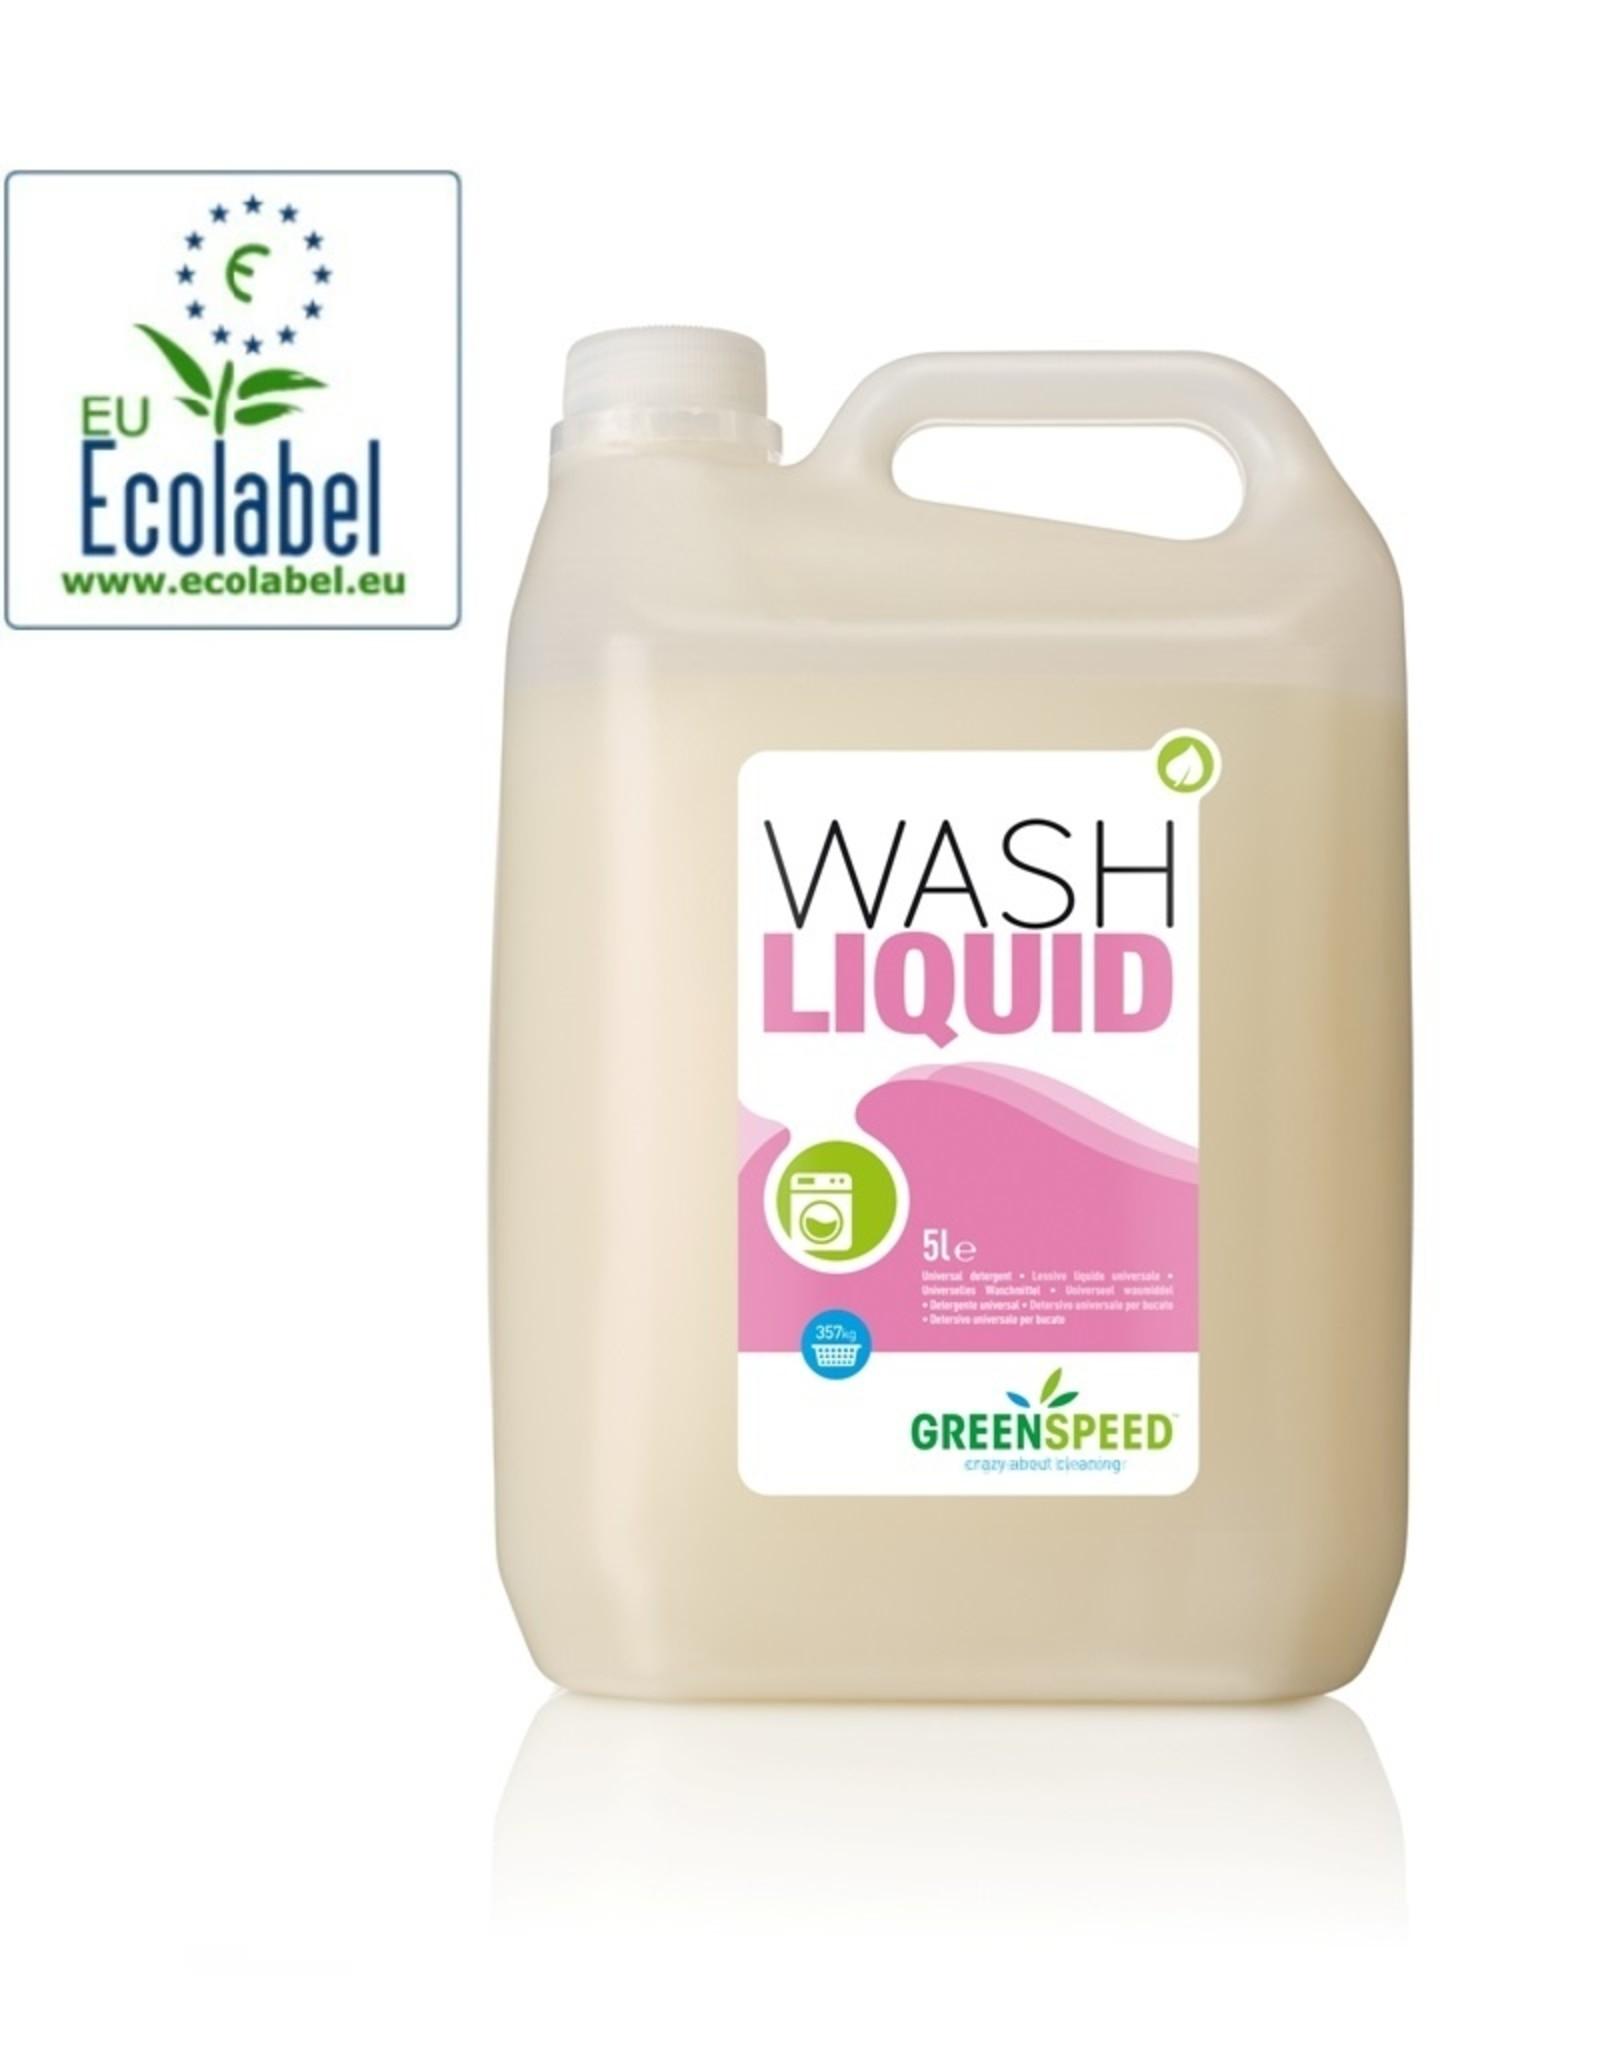 Ecologisch vloeibaar wasmiddel.  Uitstekende vlekverwijdering, ook bij lage temperaturen.